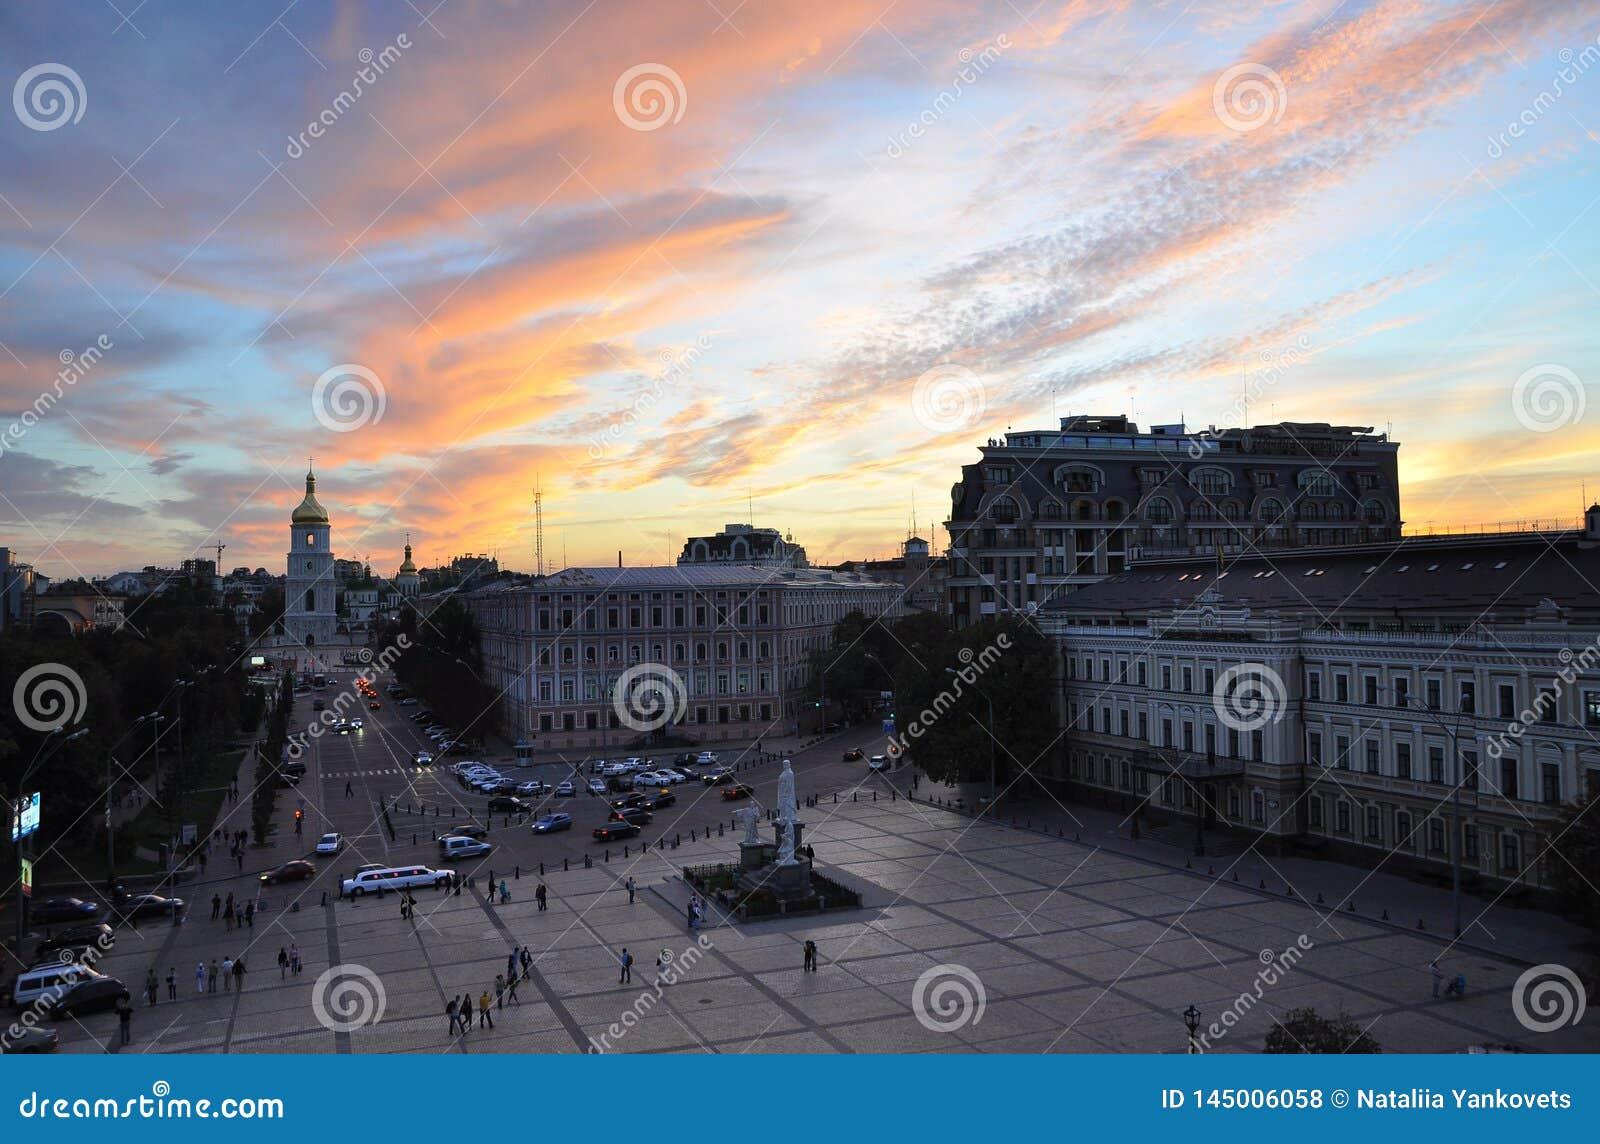 12. September 2010 - alte historische Architektur in der Mitte von Kiew gegen den blauen Himmel mit wei?en Wolken